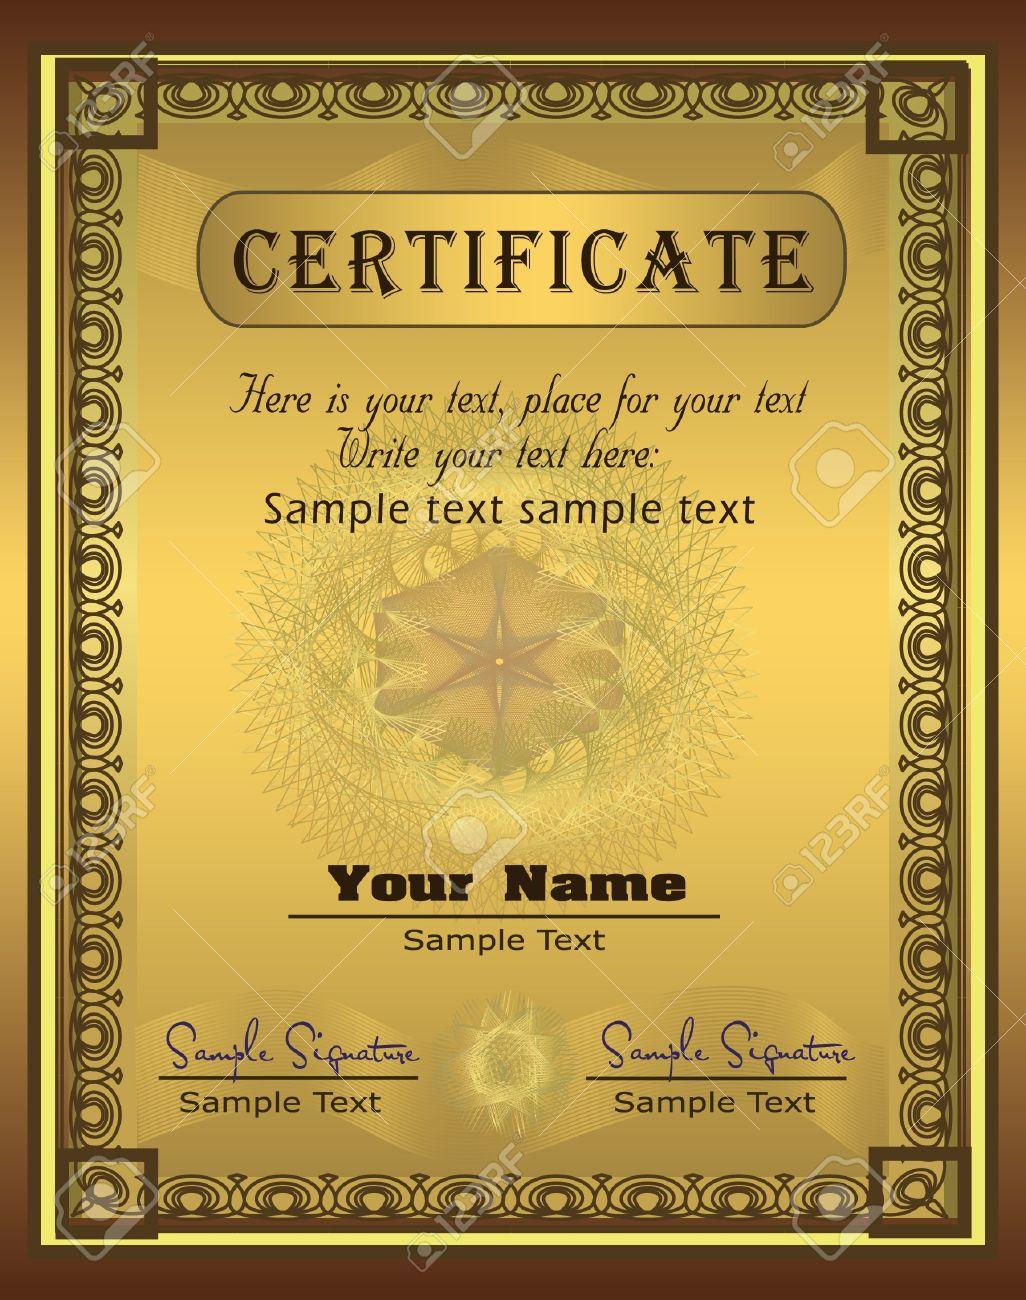 Certificate Gold Vertical vector Stock Vector - 9316276